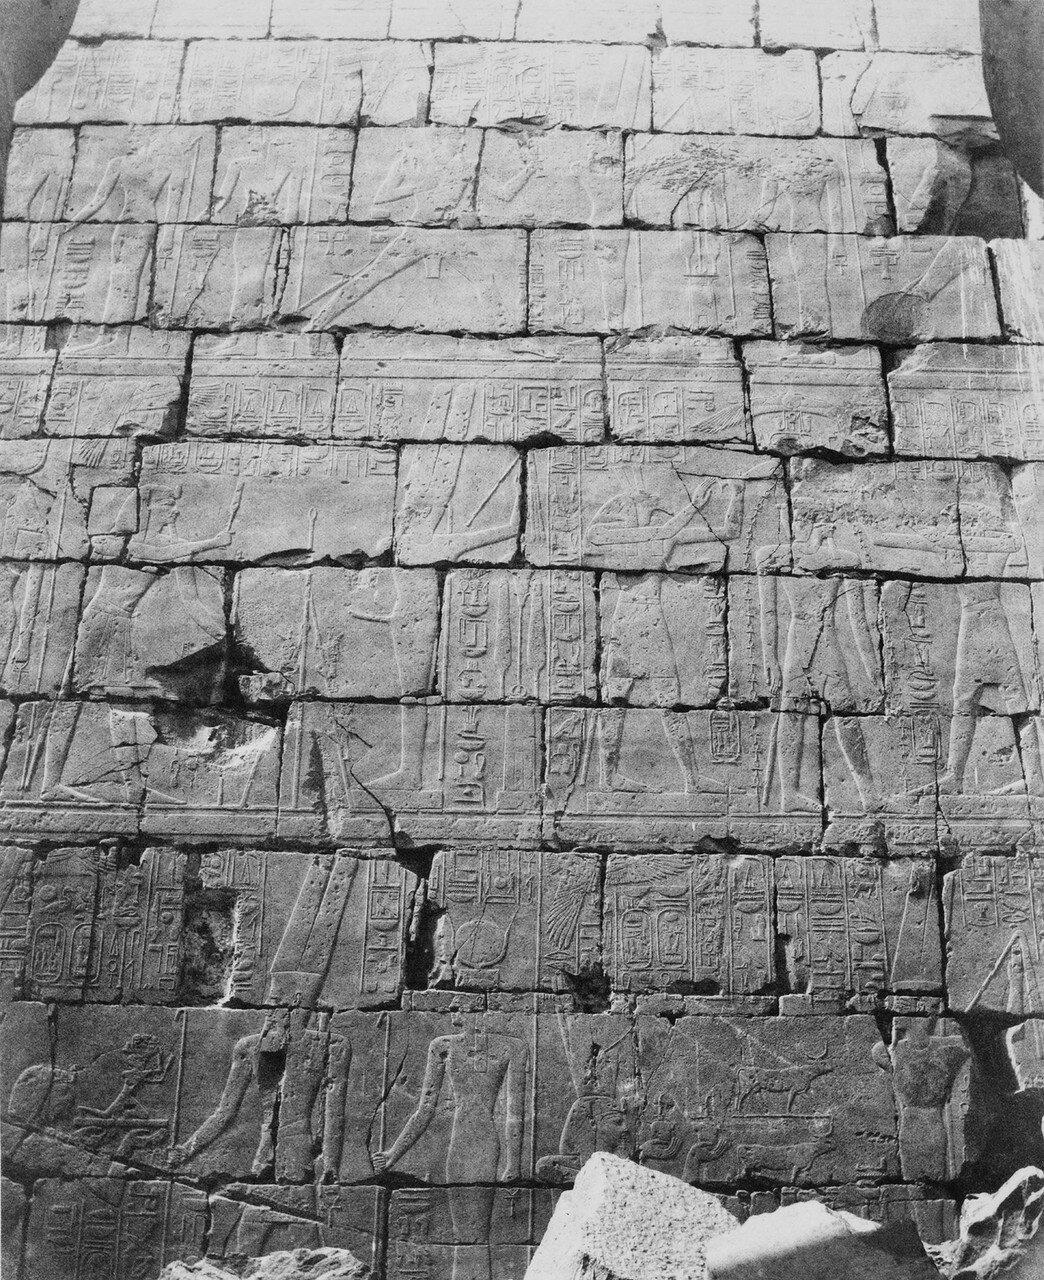 Карнак (Фивы). Гипостильный зал. Оформление внутренней стенки. 1858